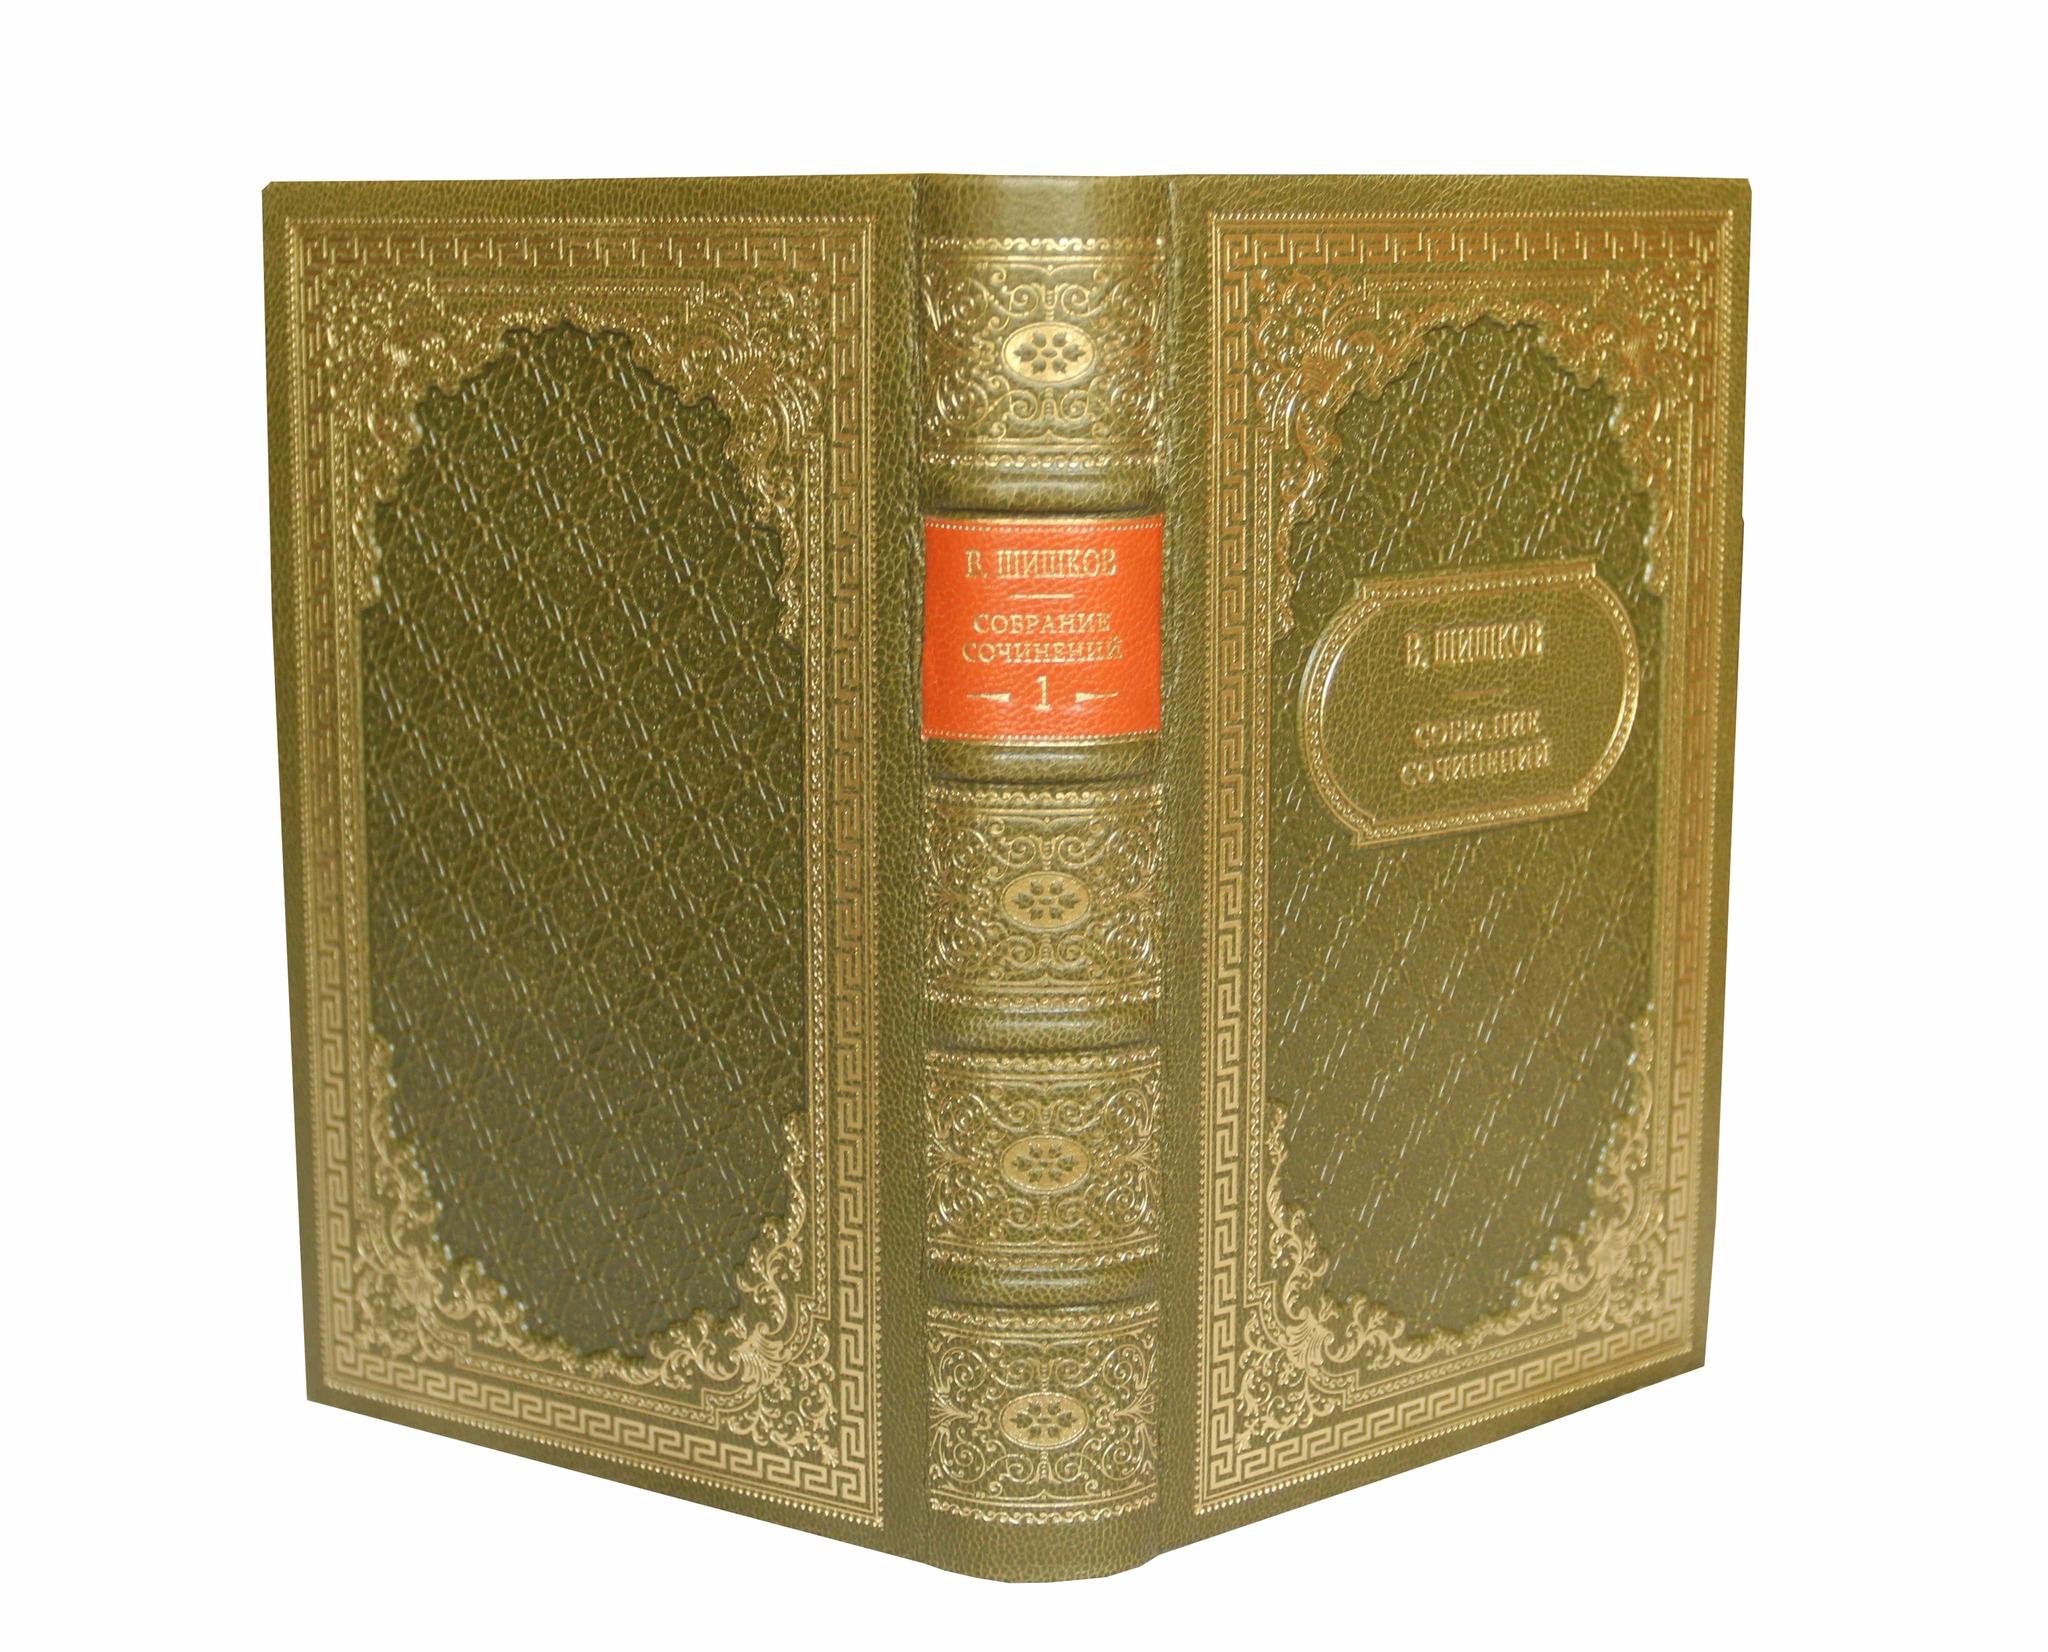 Шишков В. Собрание сочинений в 8 томах